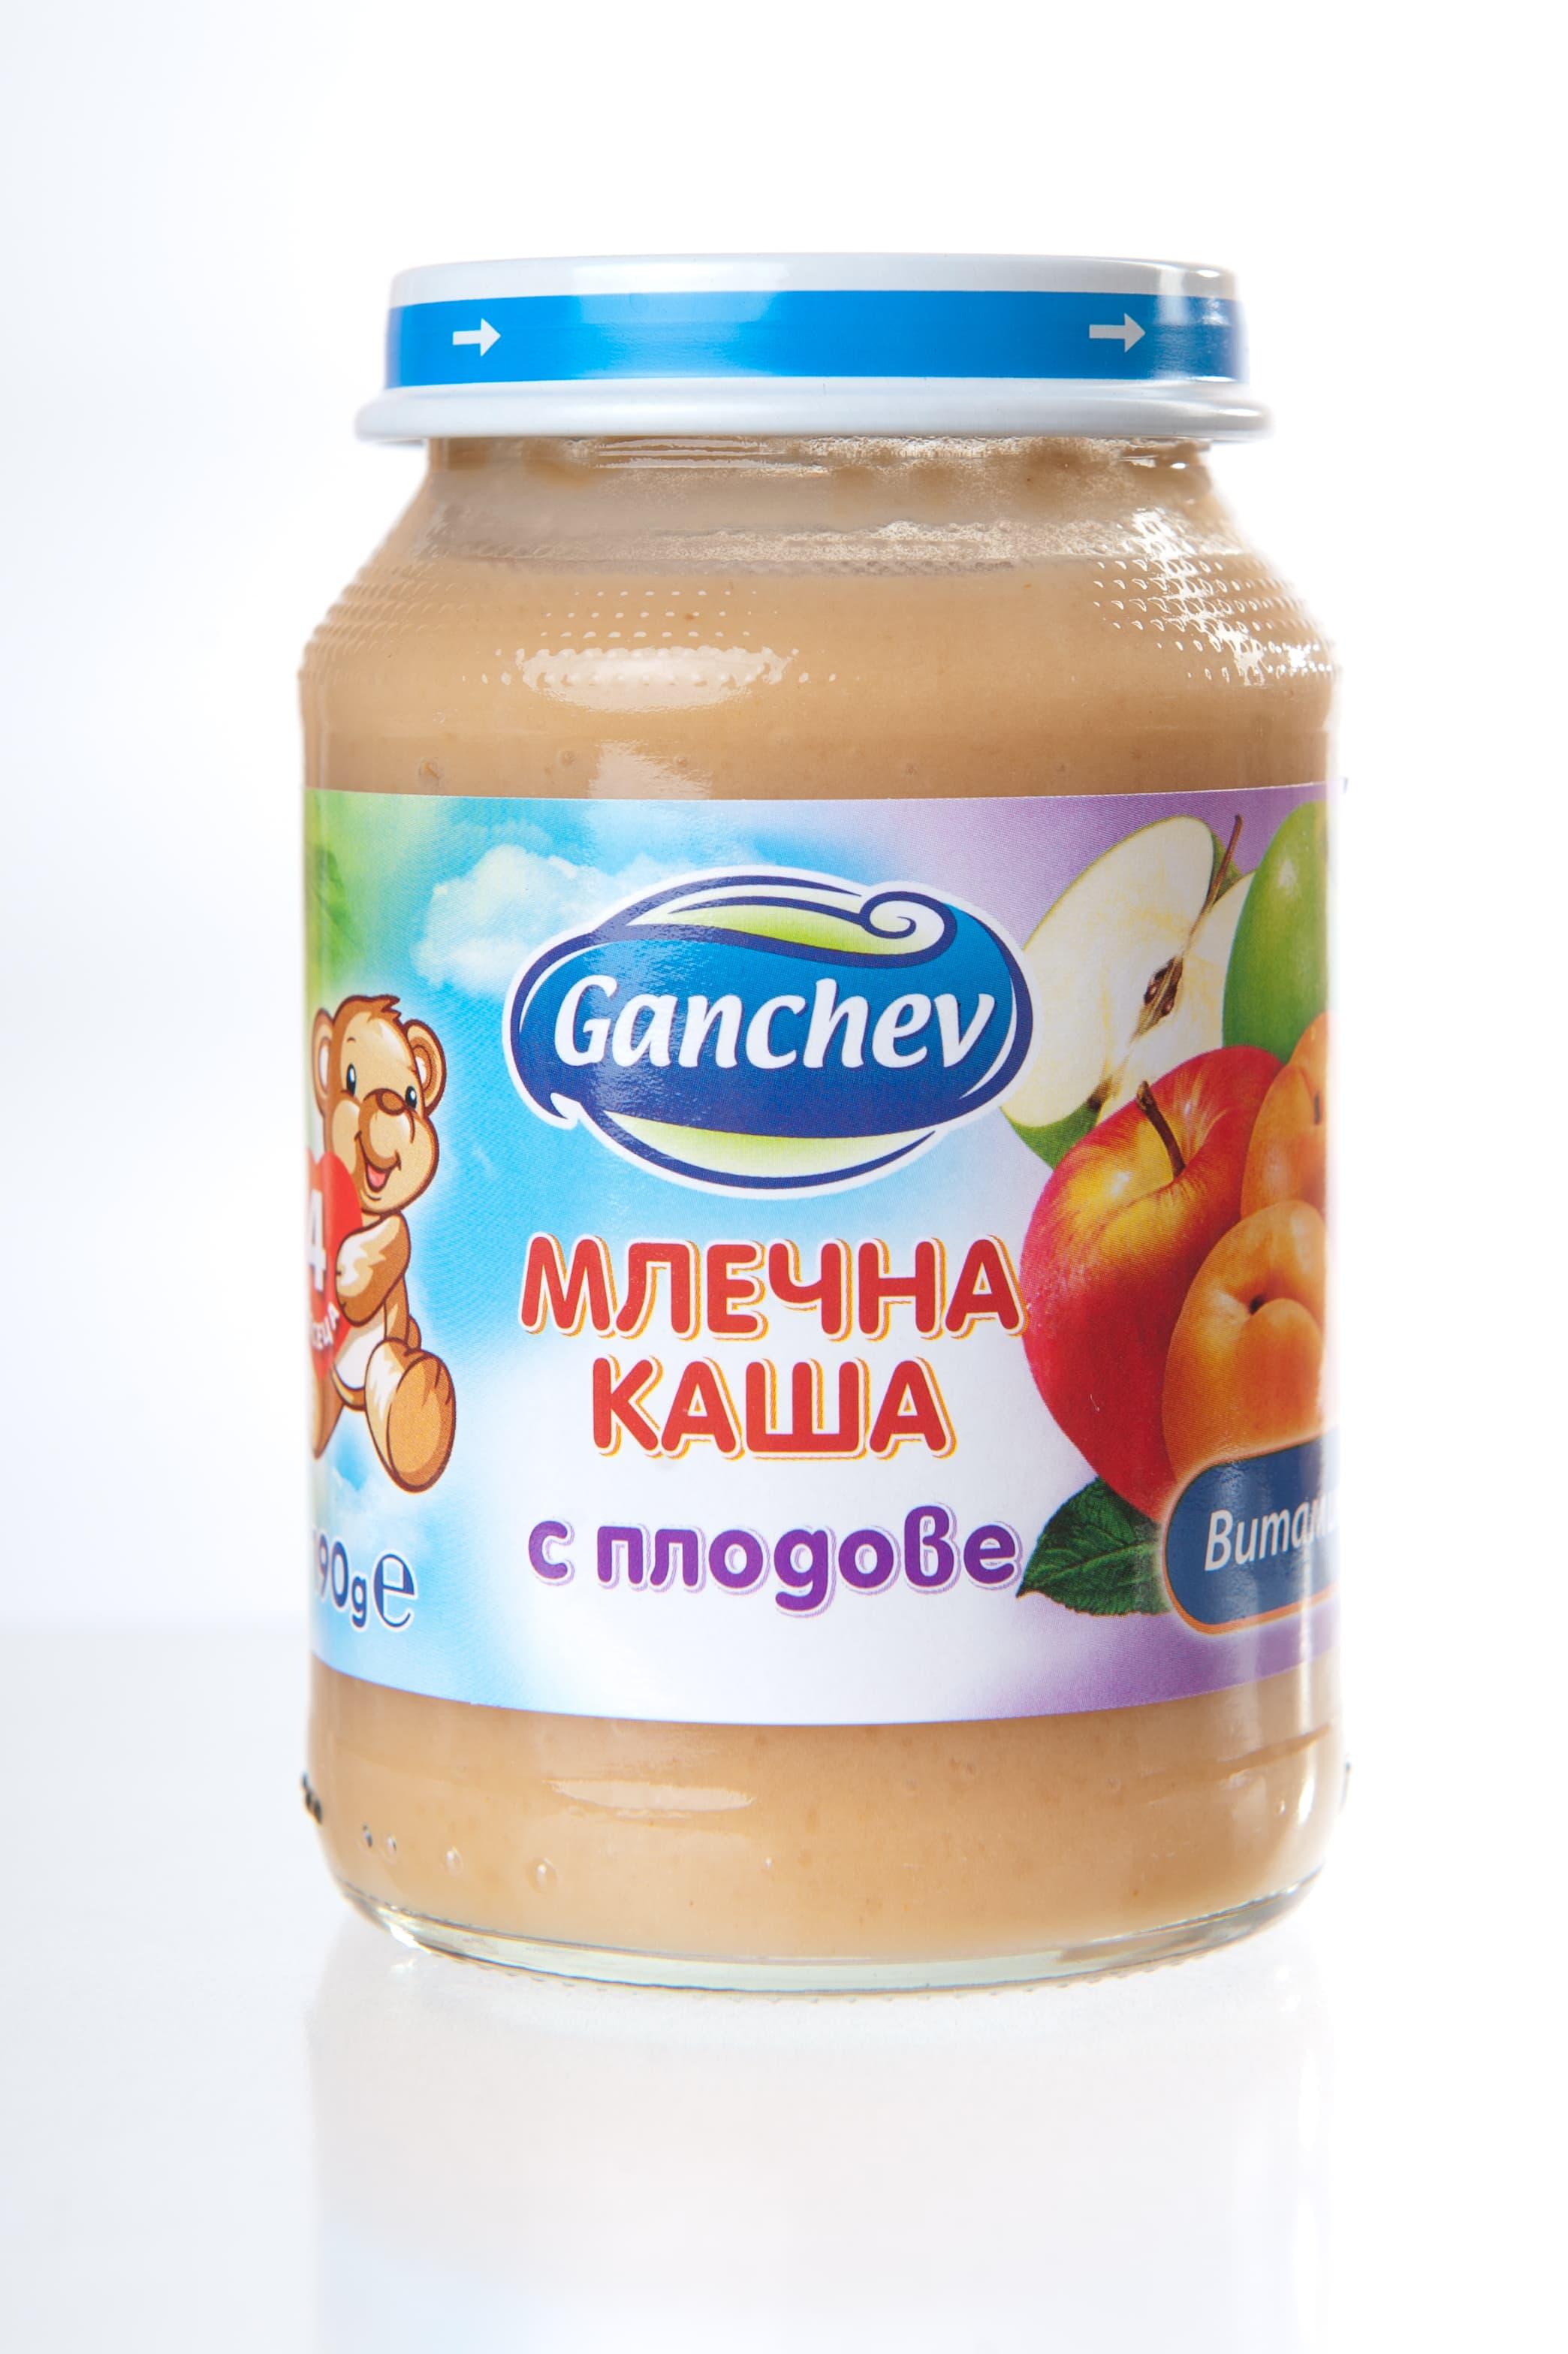 Ganchev-млечна каша с плодове 4м+190гр